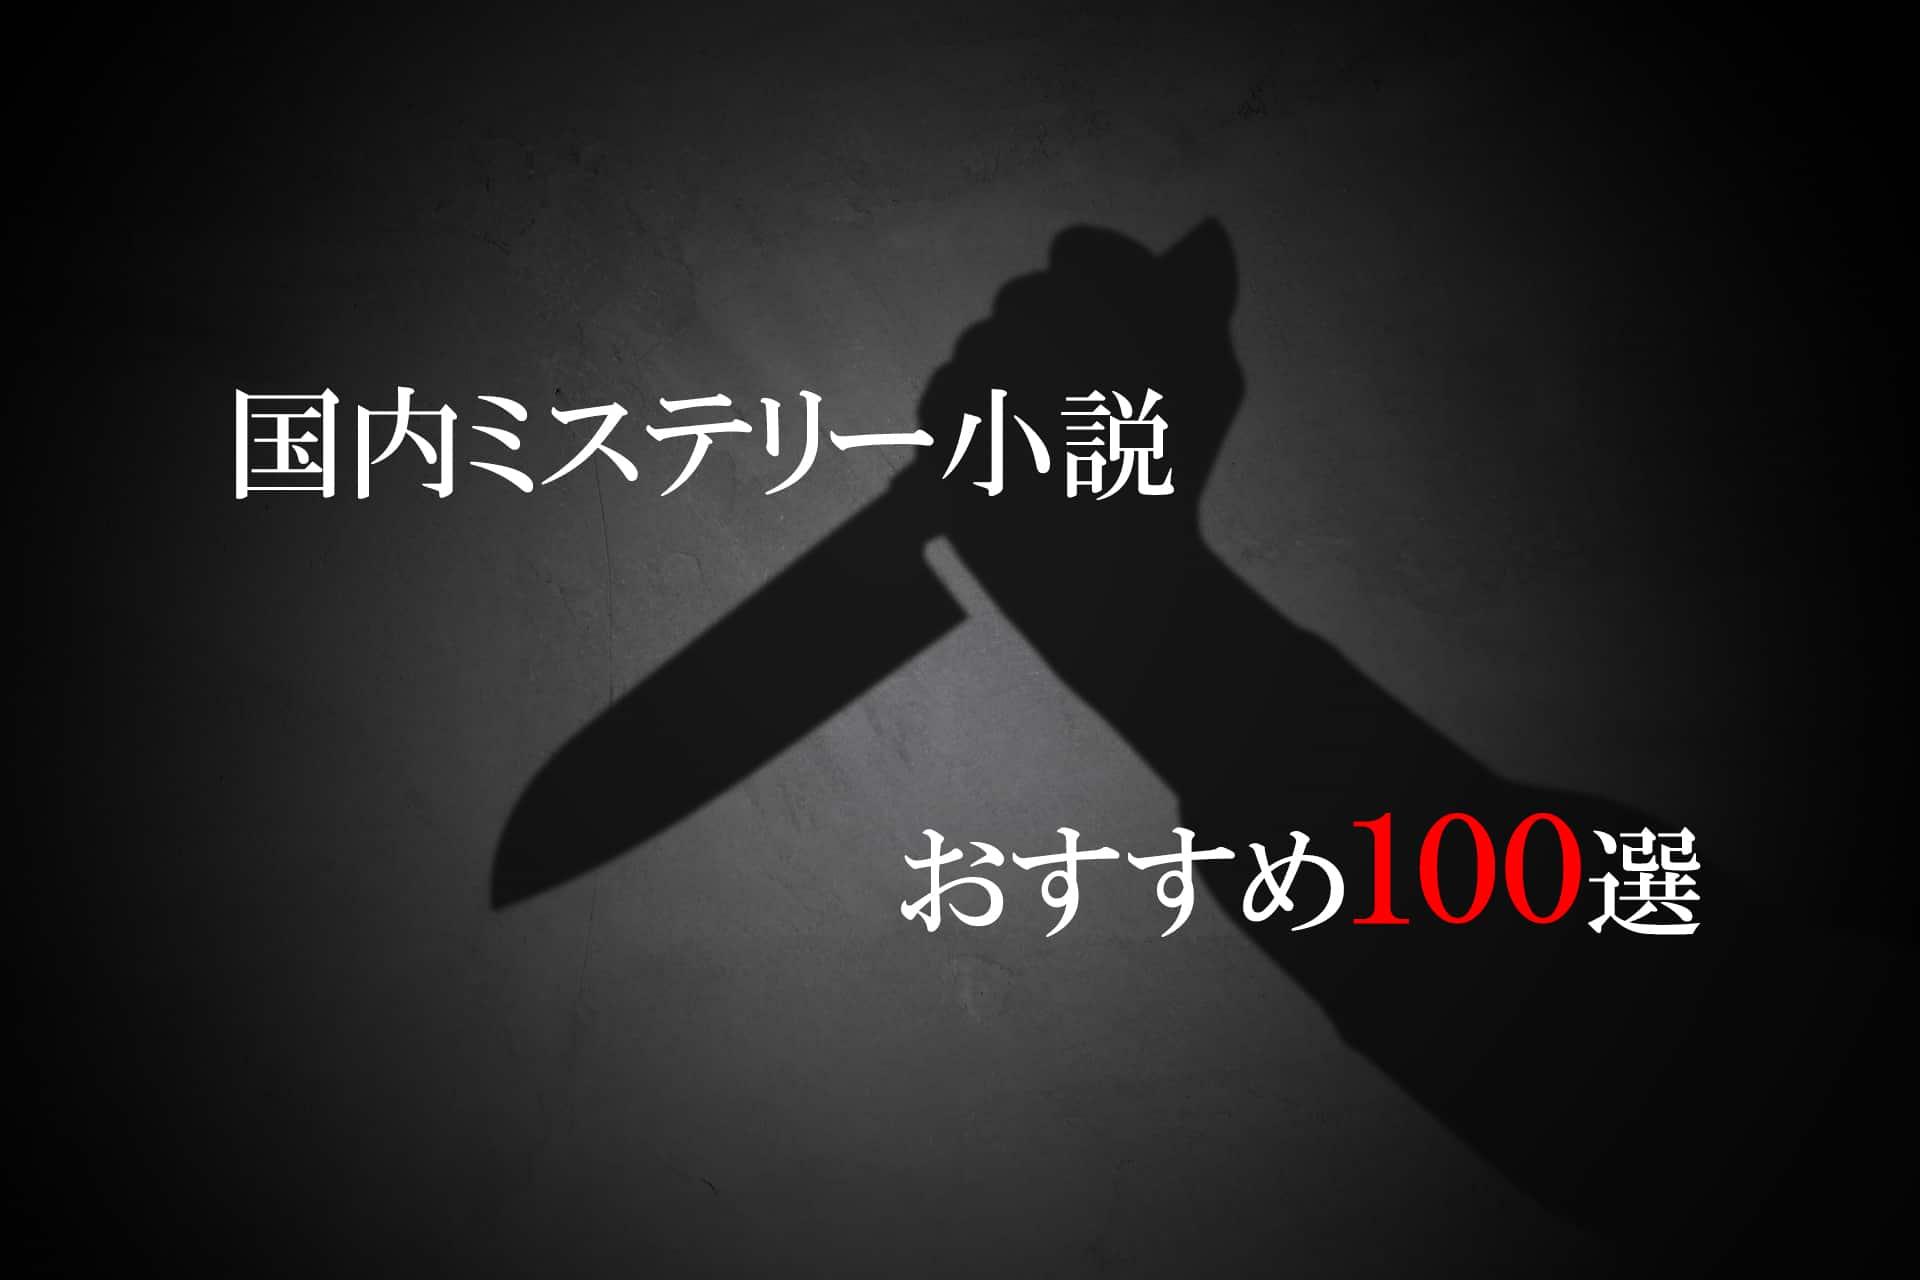 【2021年最新版】国内ミステリー小説おすすめ100選